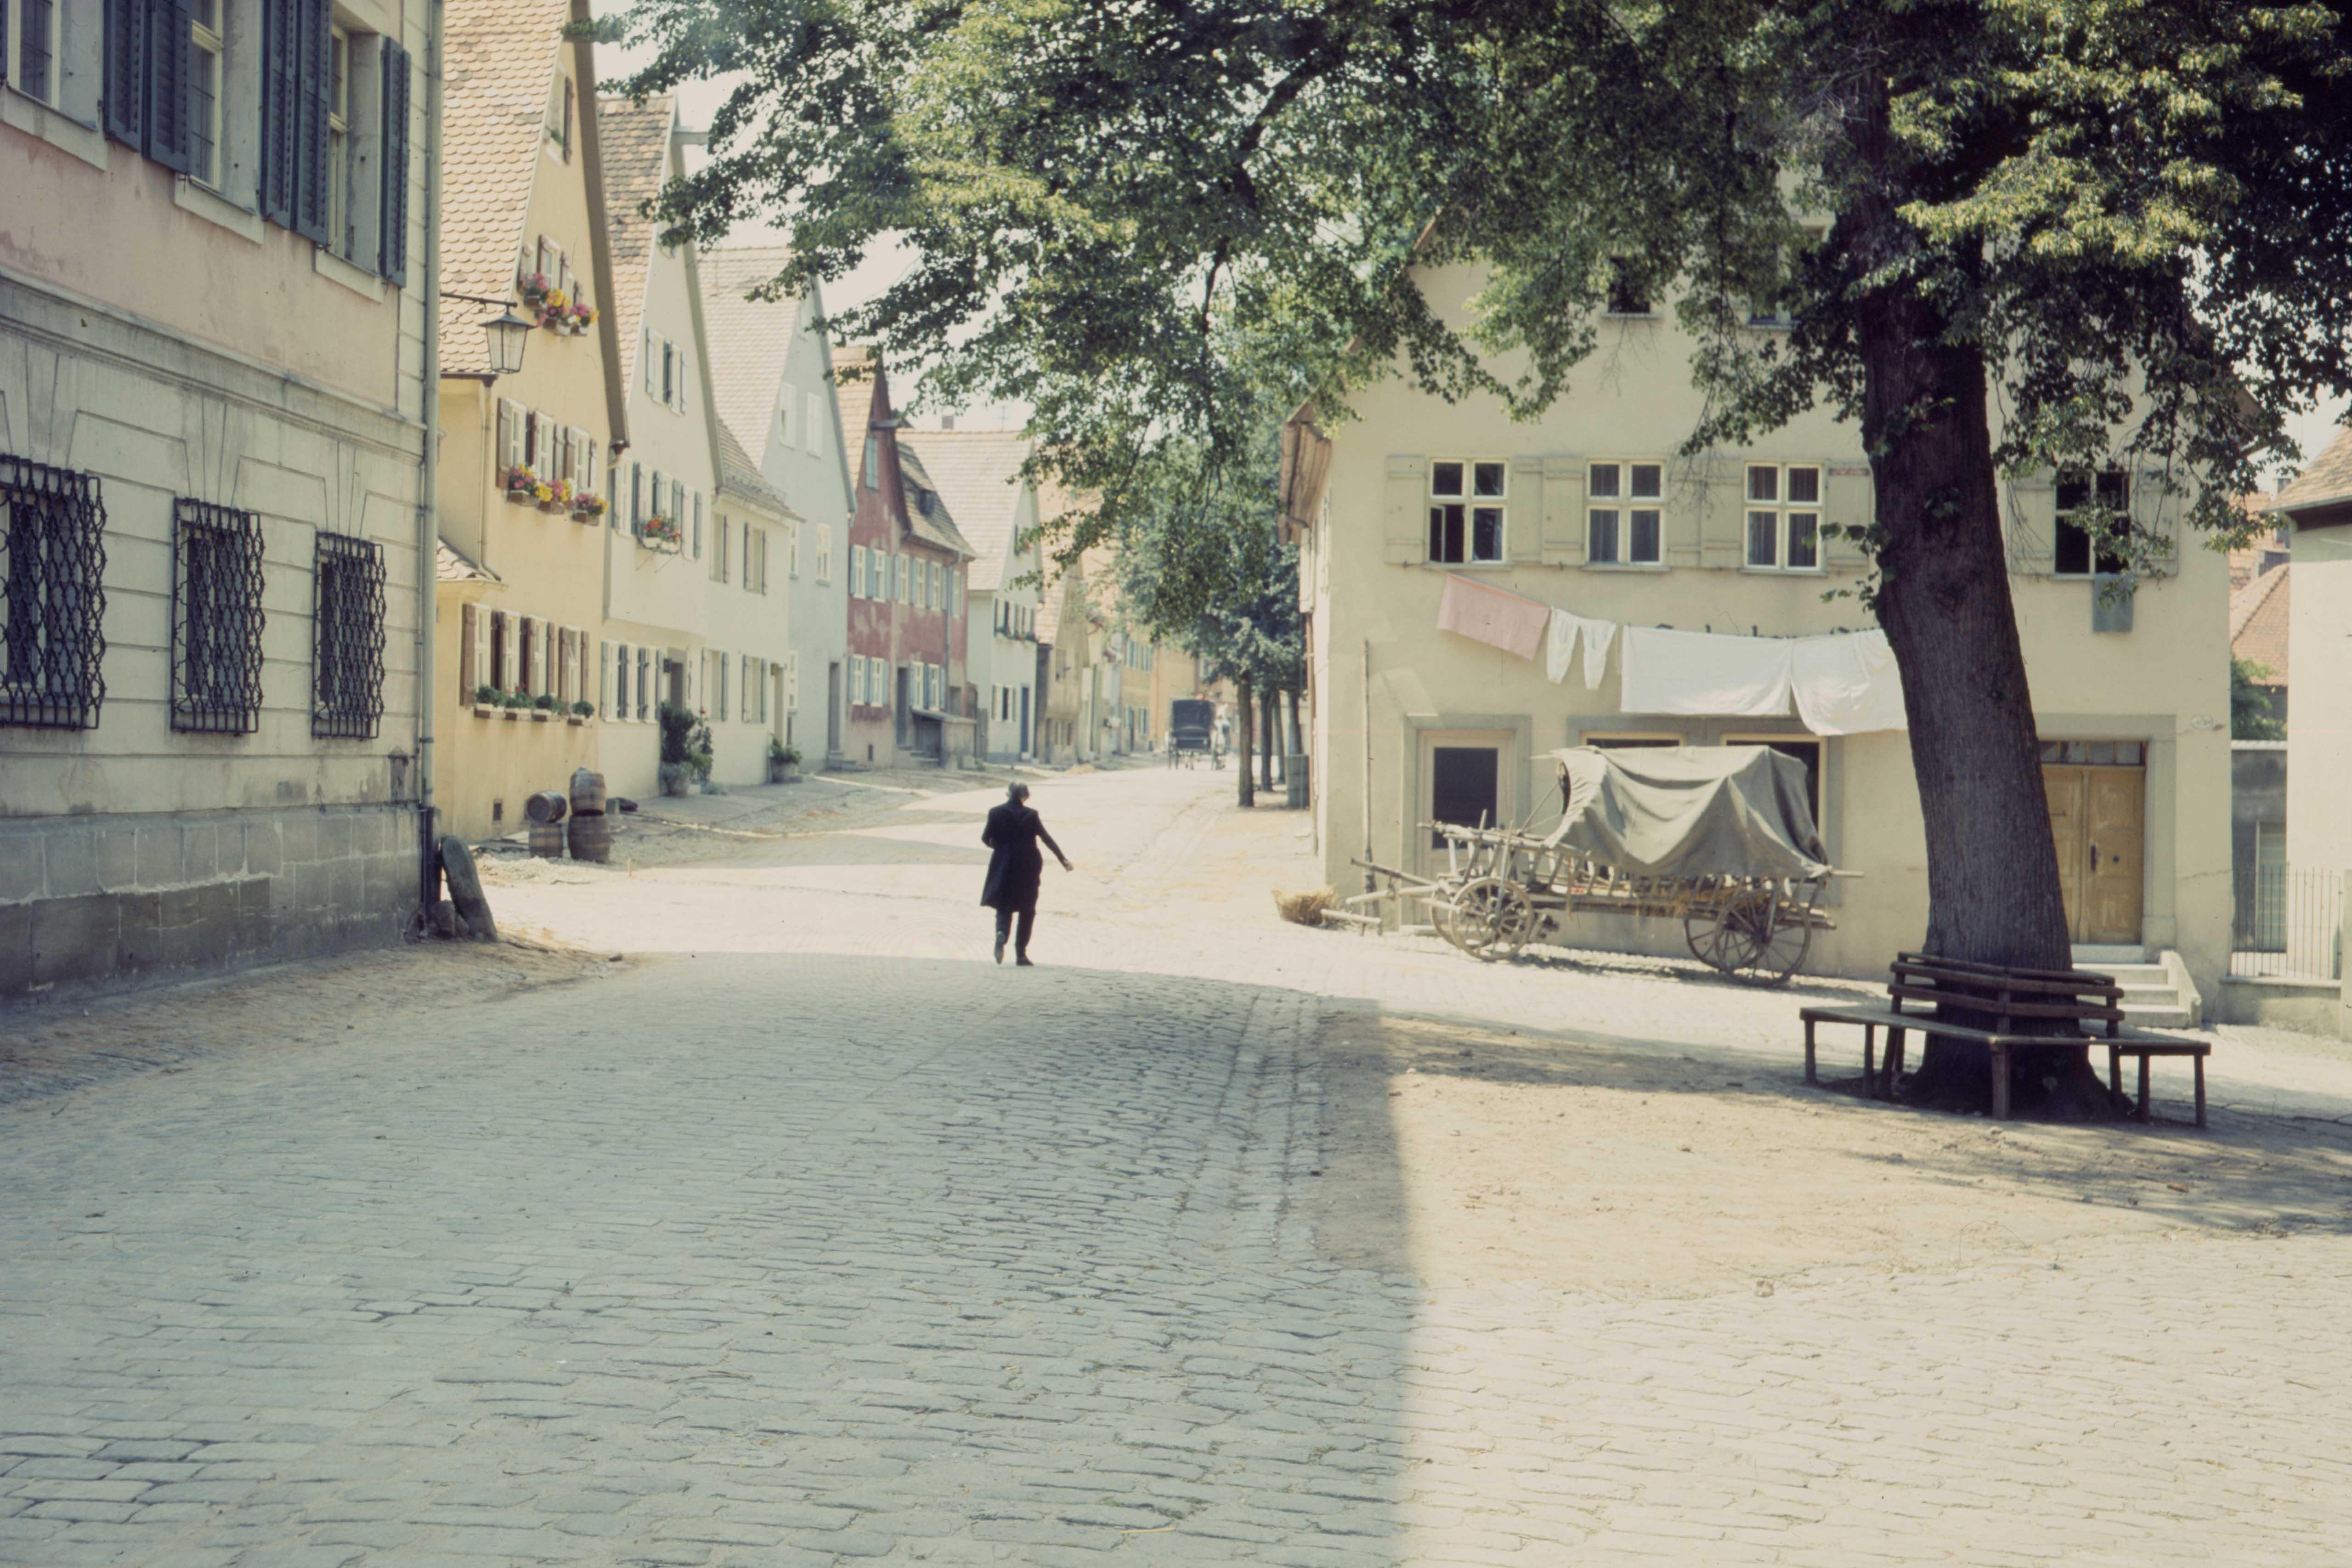 Still from the film Jeder für sich und Gott gegen alle